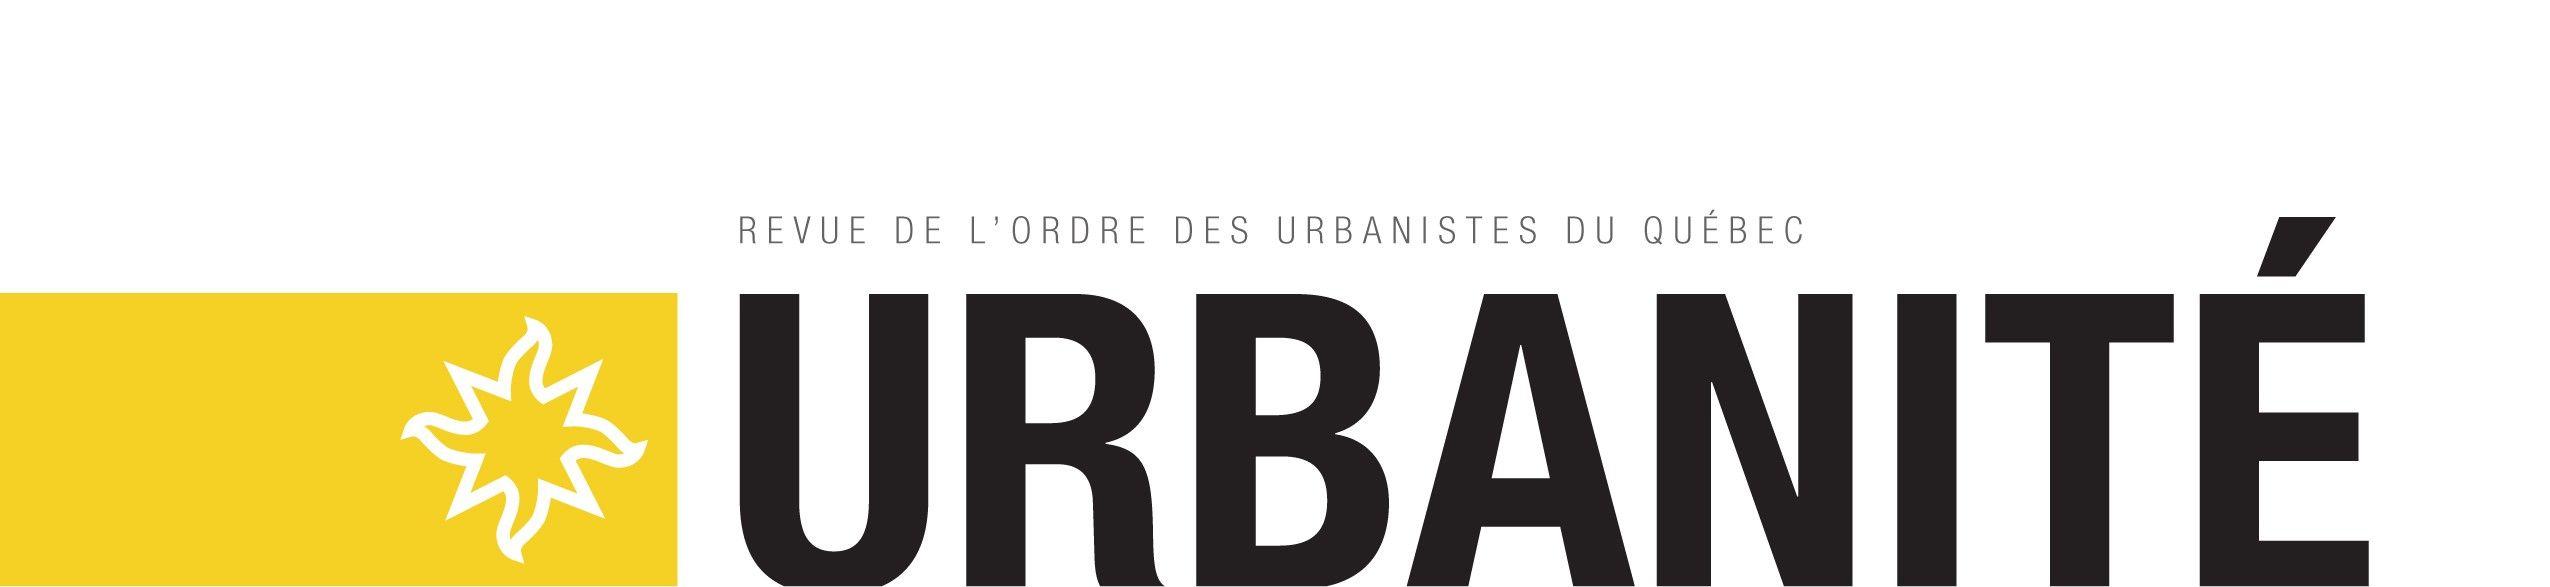 OUQ - Annoncer dans Urbanité – édition automne